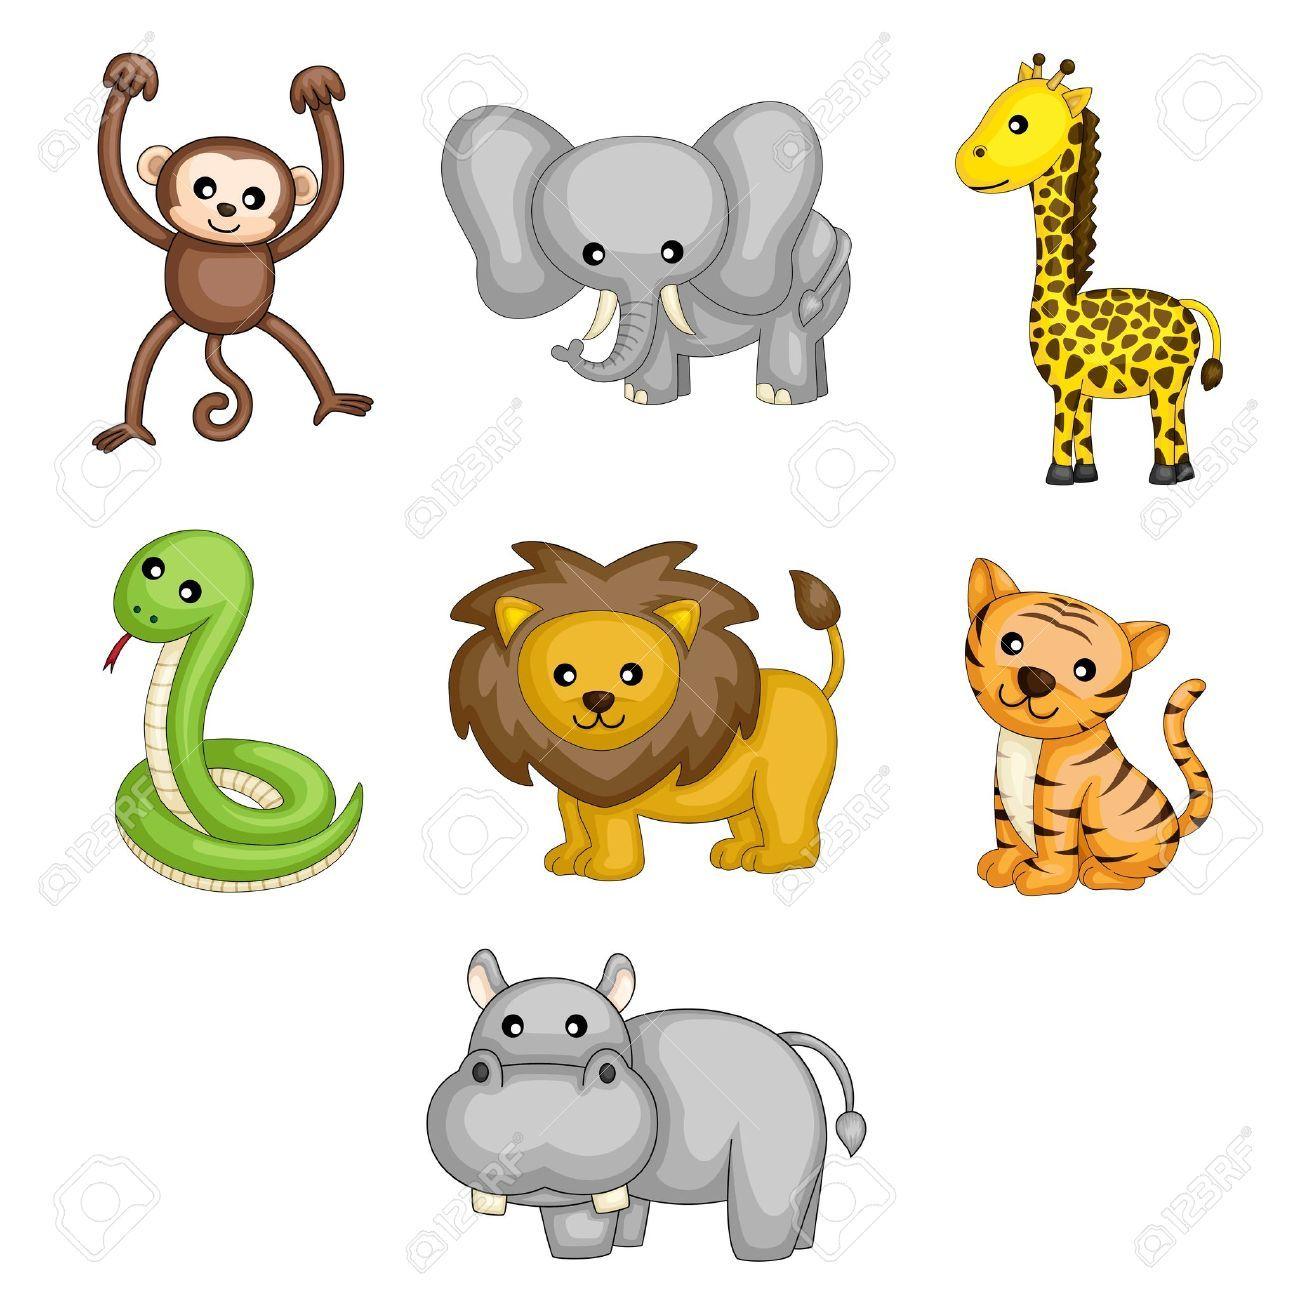 Hipopotamo Dibujo A Ilustraciones Vectoriales De Dibujos Animados De Animales Silvestr Hipopotamos Dibujo Animales Dibujos Animados Animales Salvajes Dibujos